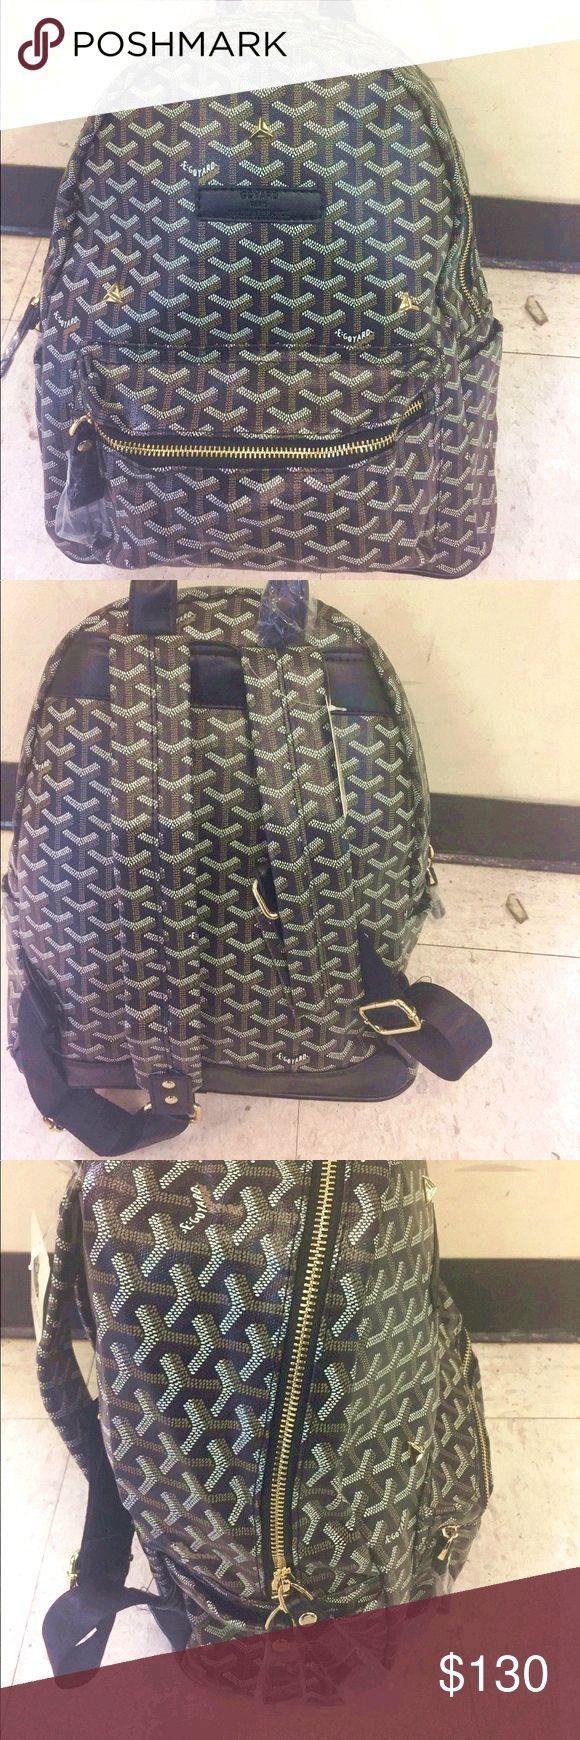 Goyard backpack New Bags Backpacks #bagsforsale